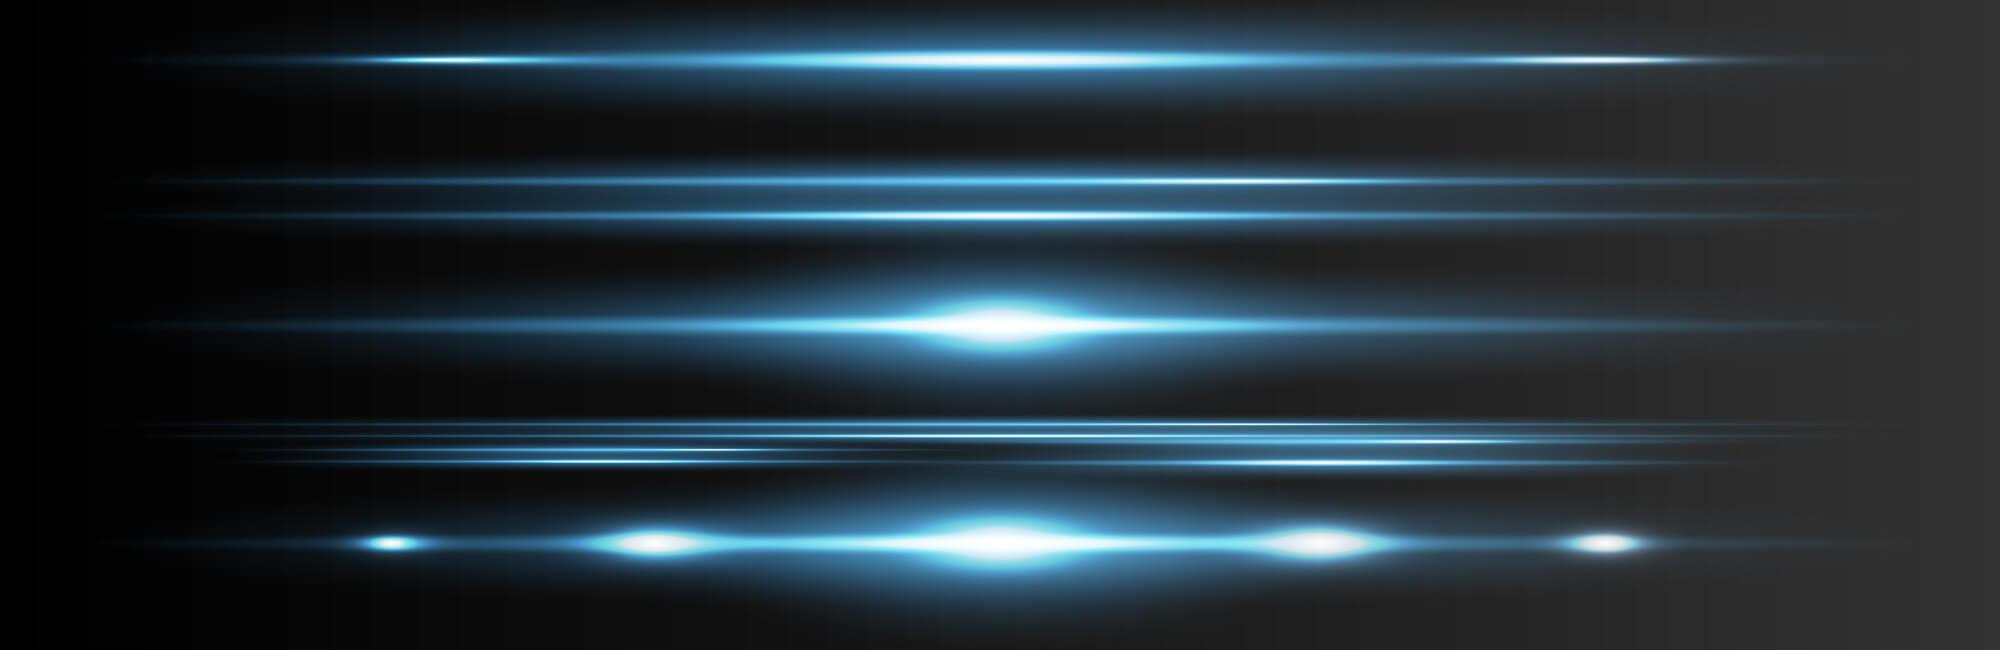 ElEn-IMG-laser